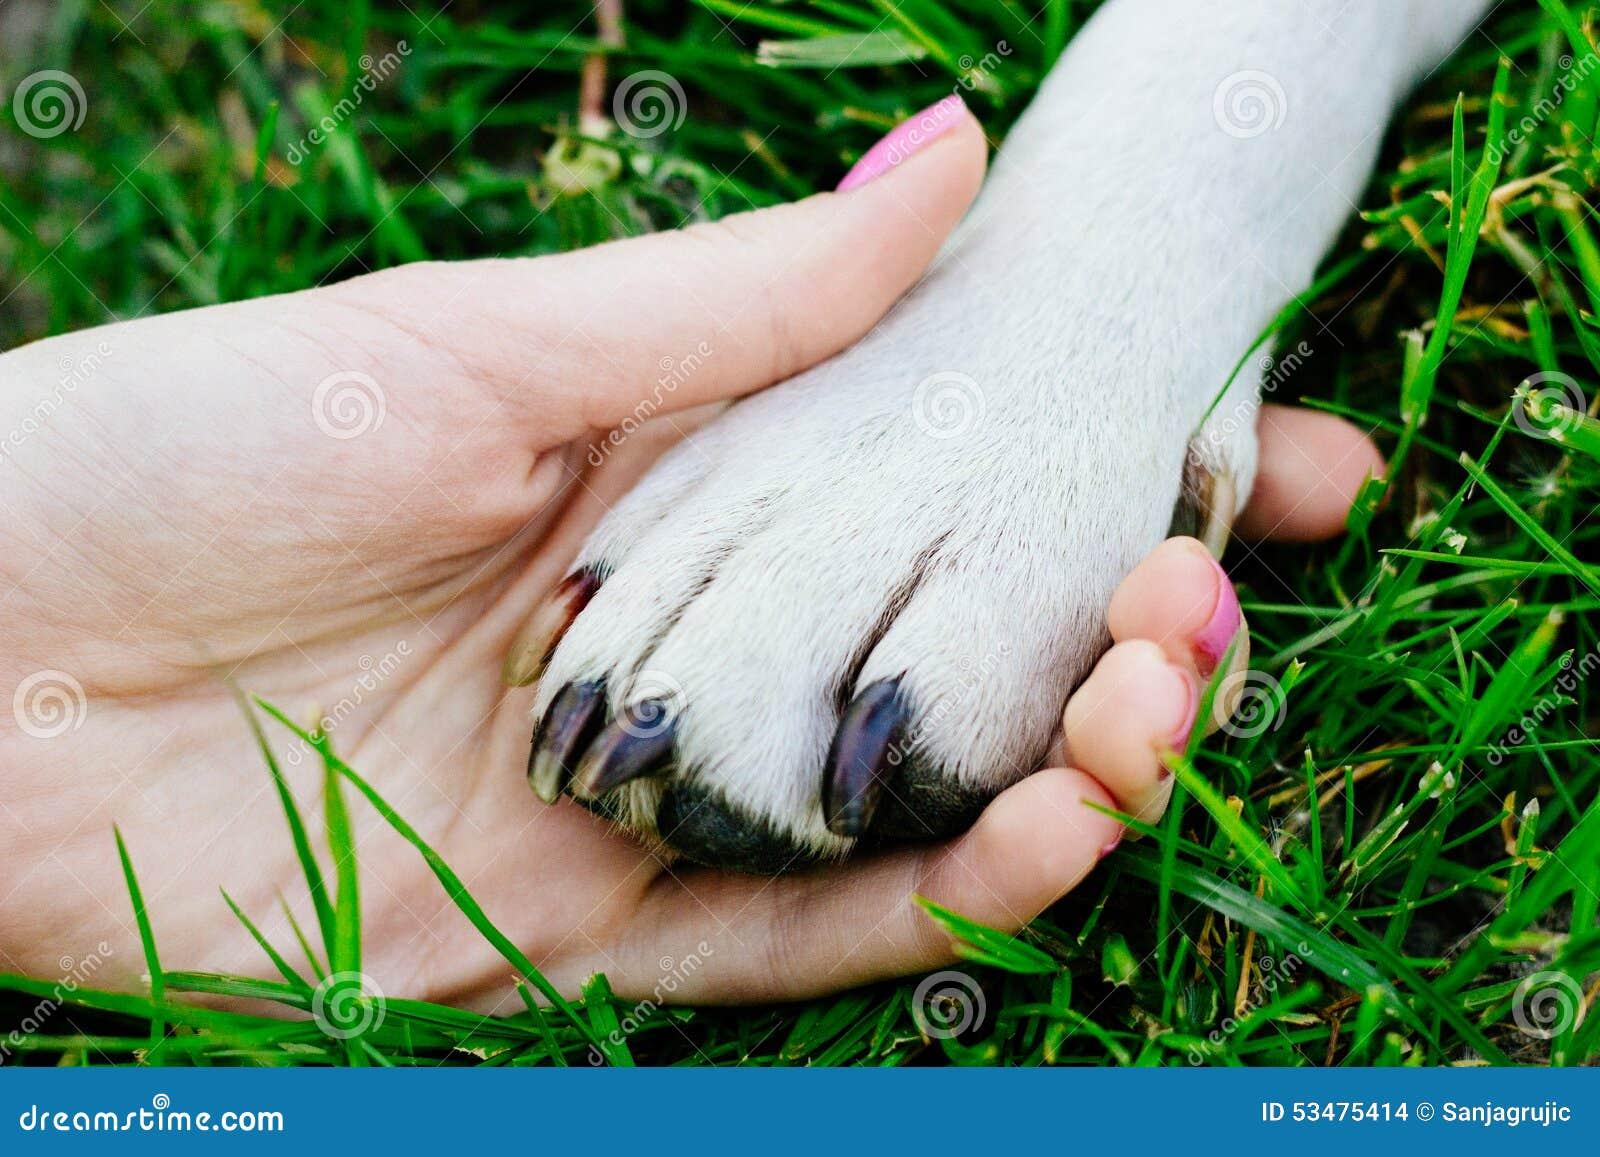 amizade entre o ser humano e o animal foto de stock imagem de